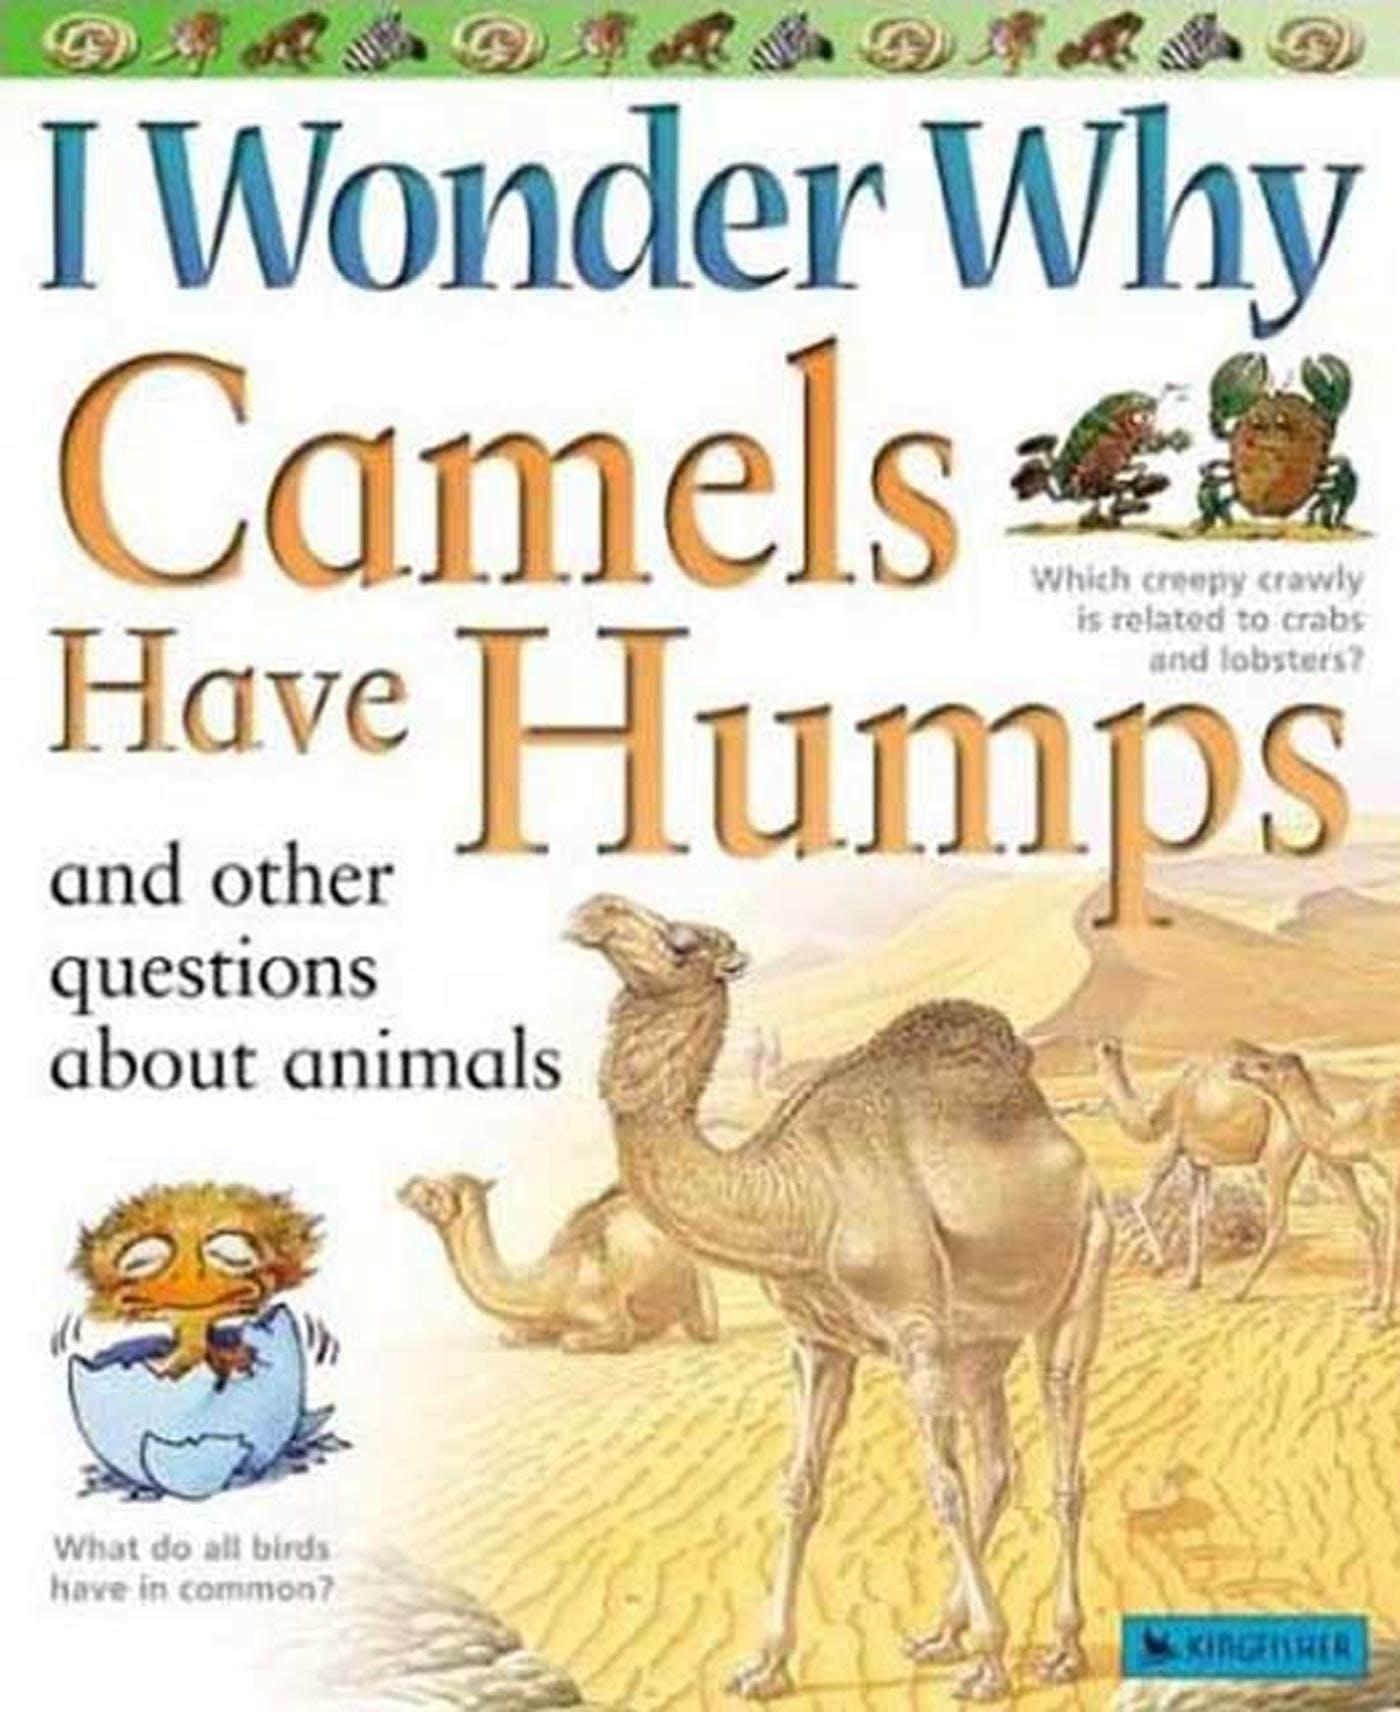 Image of I Wonder Why Camels Have Humps